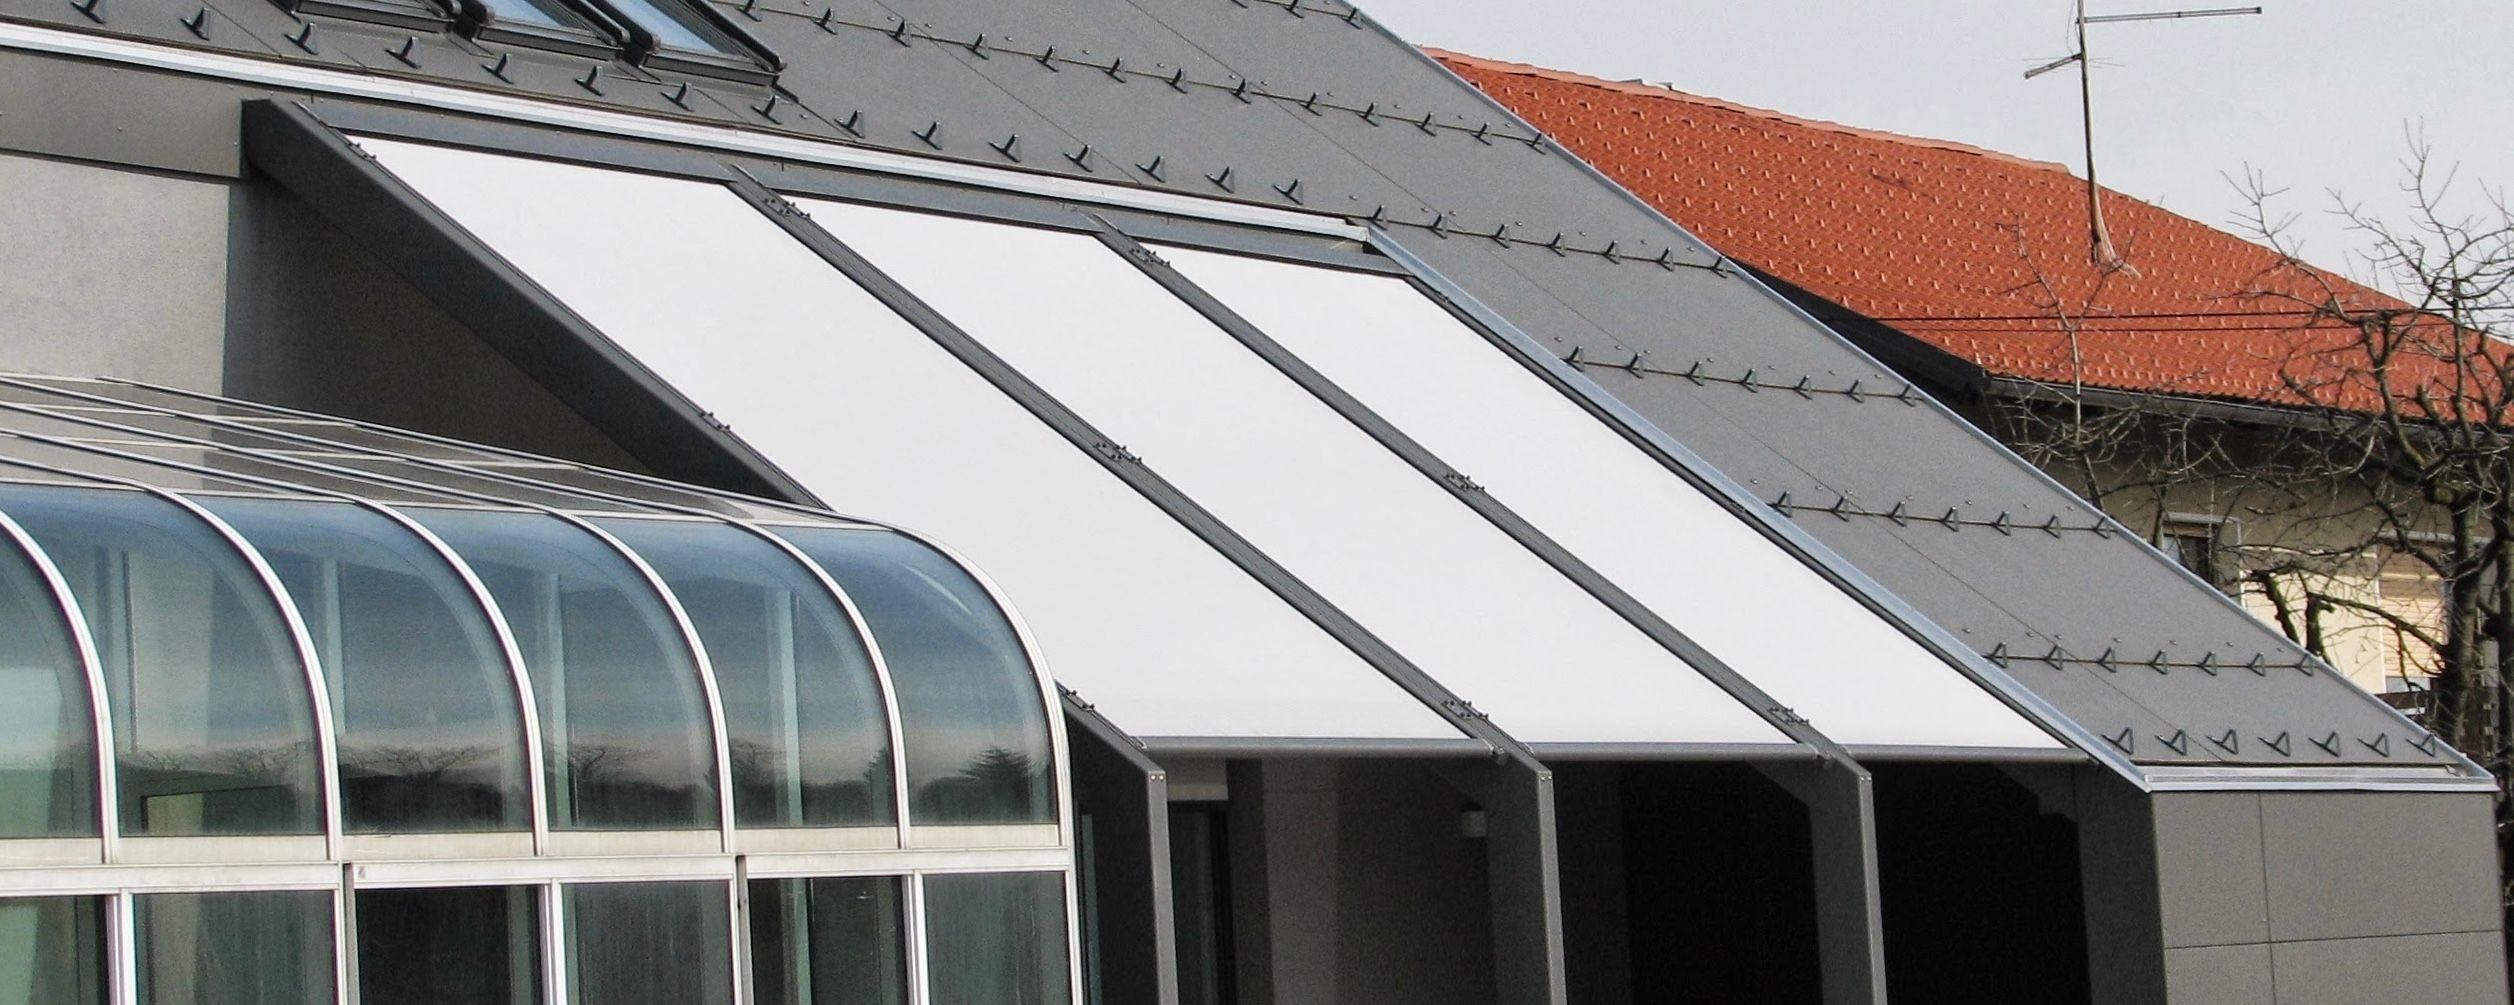 Store screen ZIP toiture XL - Achetez ce store en ligne sur Laloux !